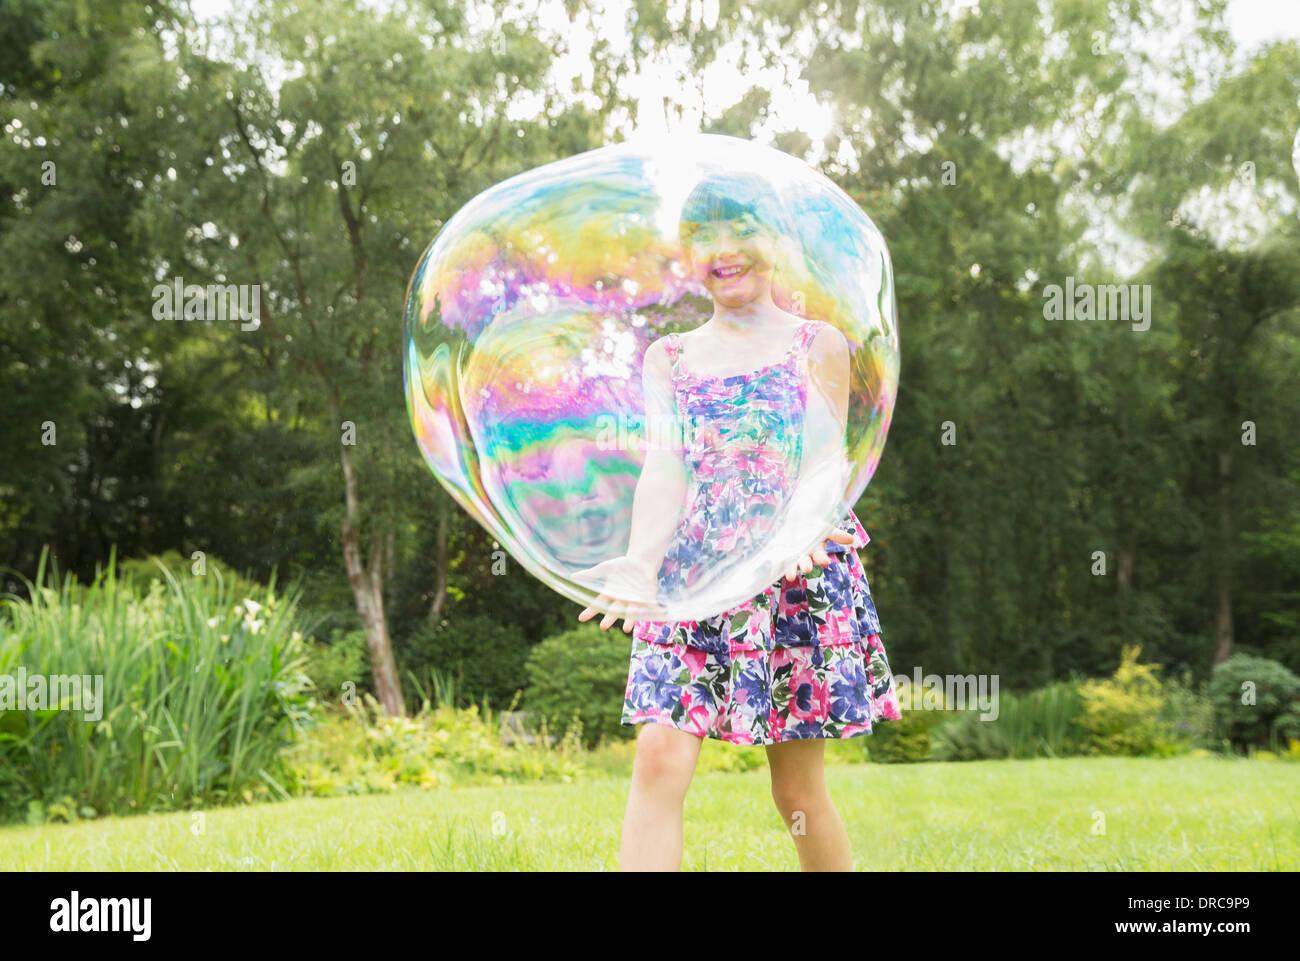 Vater und Tochter spielen mit großen Luftblasen im Hinterhof Stockfoto